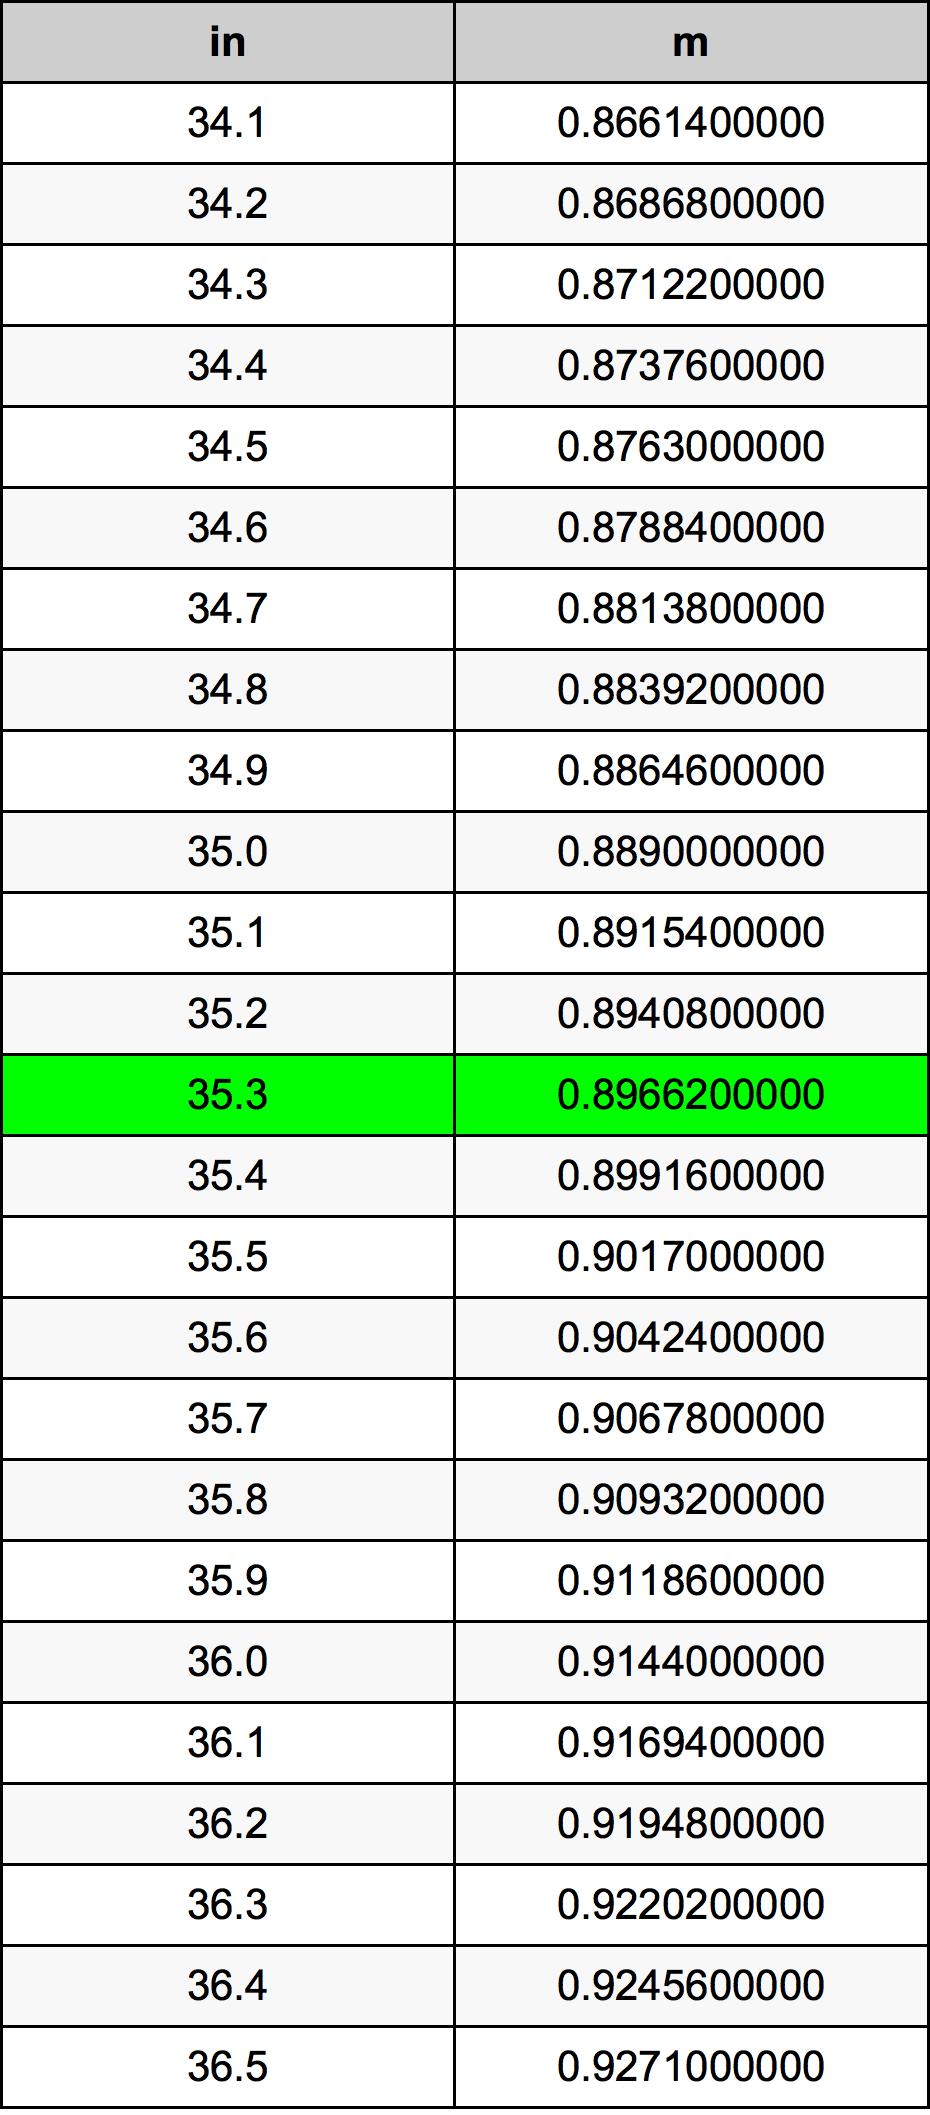 35.3 인치 변환 표